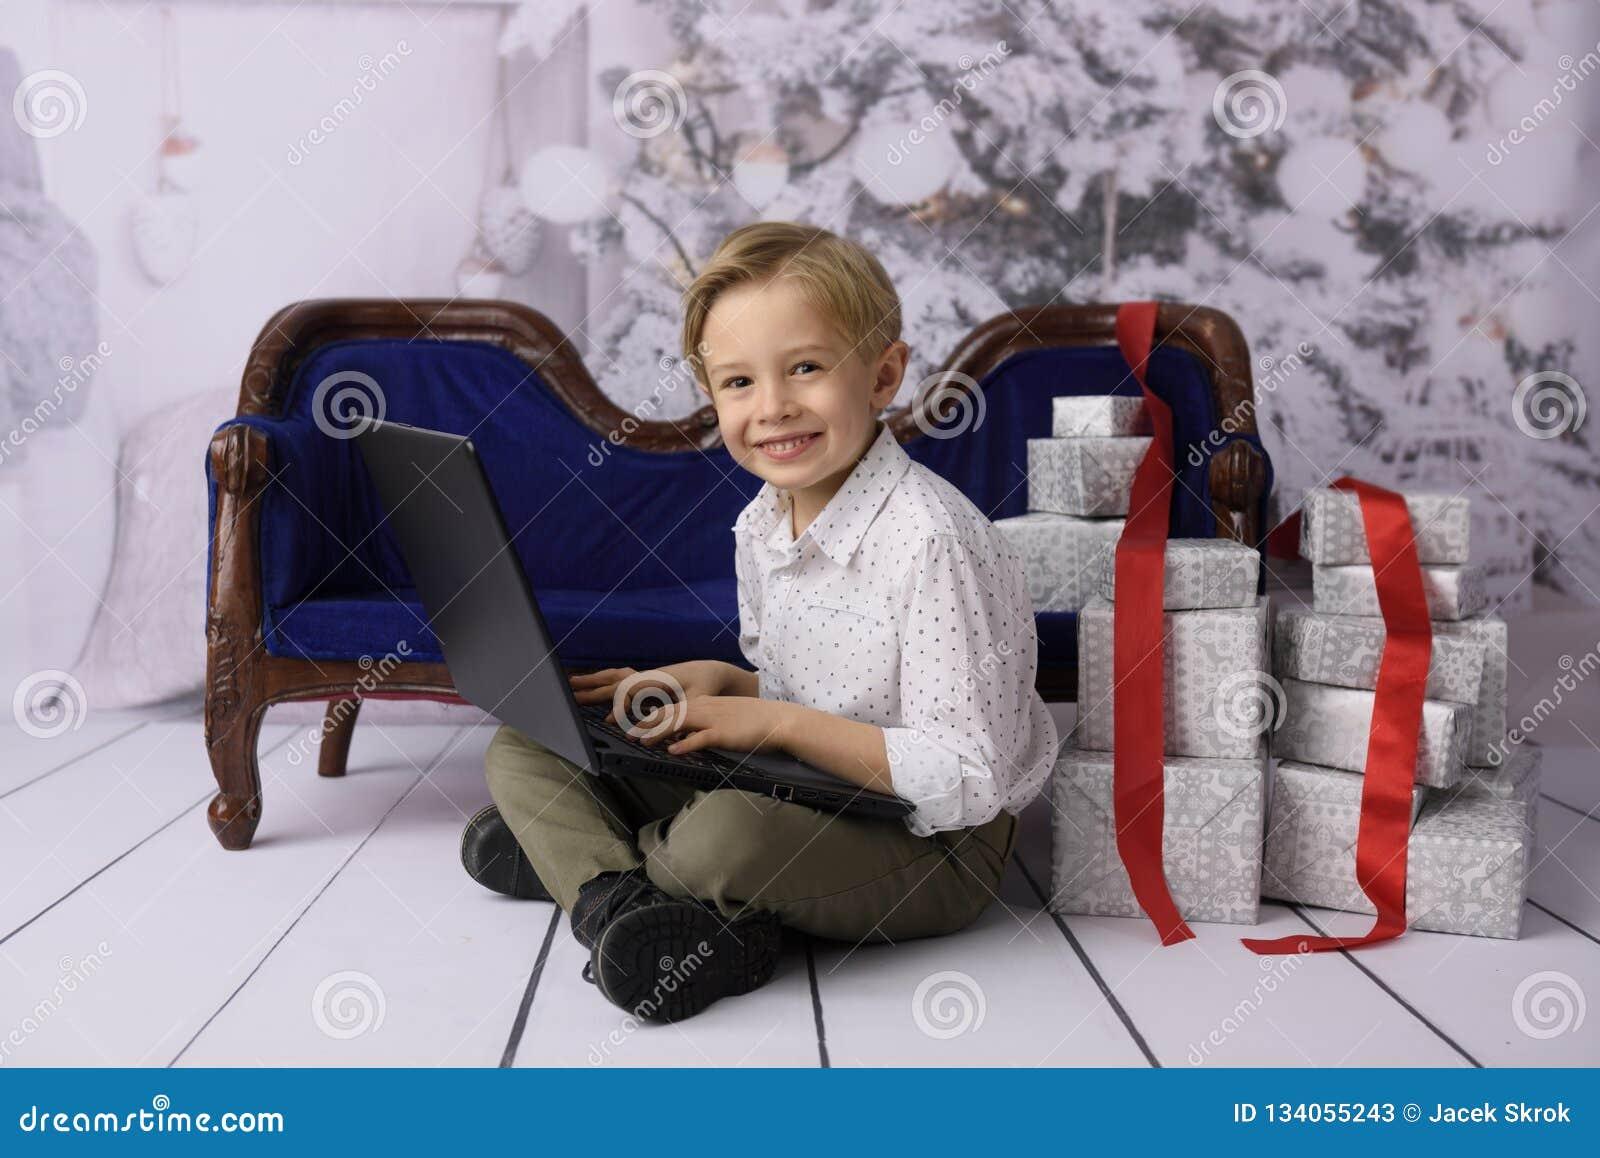 Un muchacho sonriente como Santa Claus con un árbol de navidad en el fondo